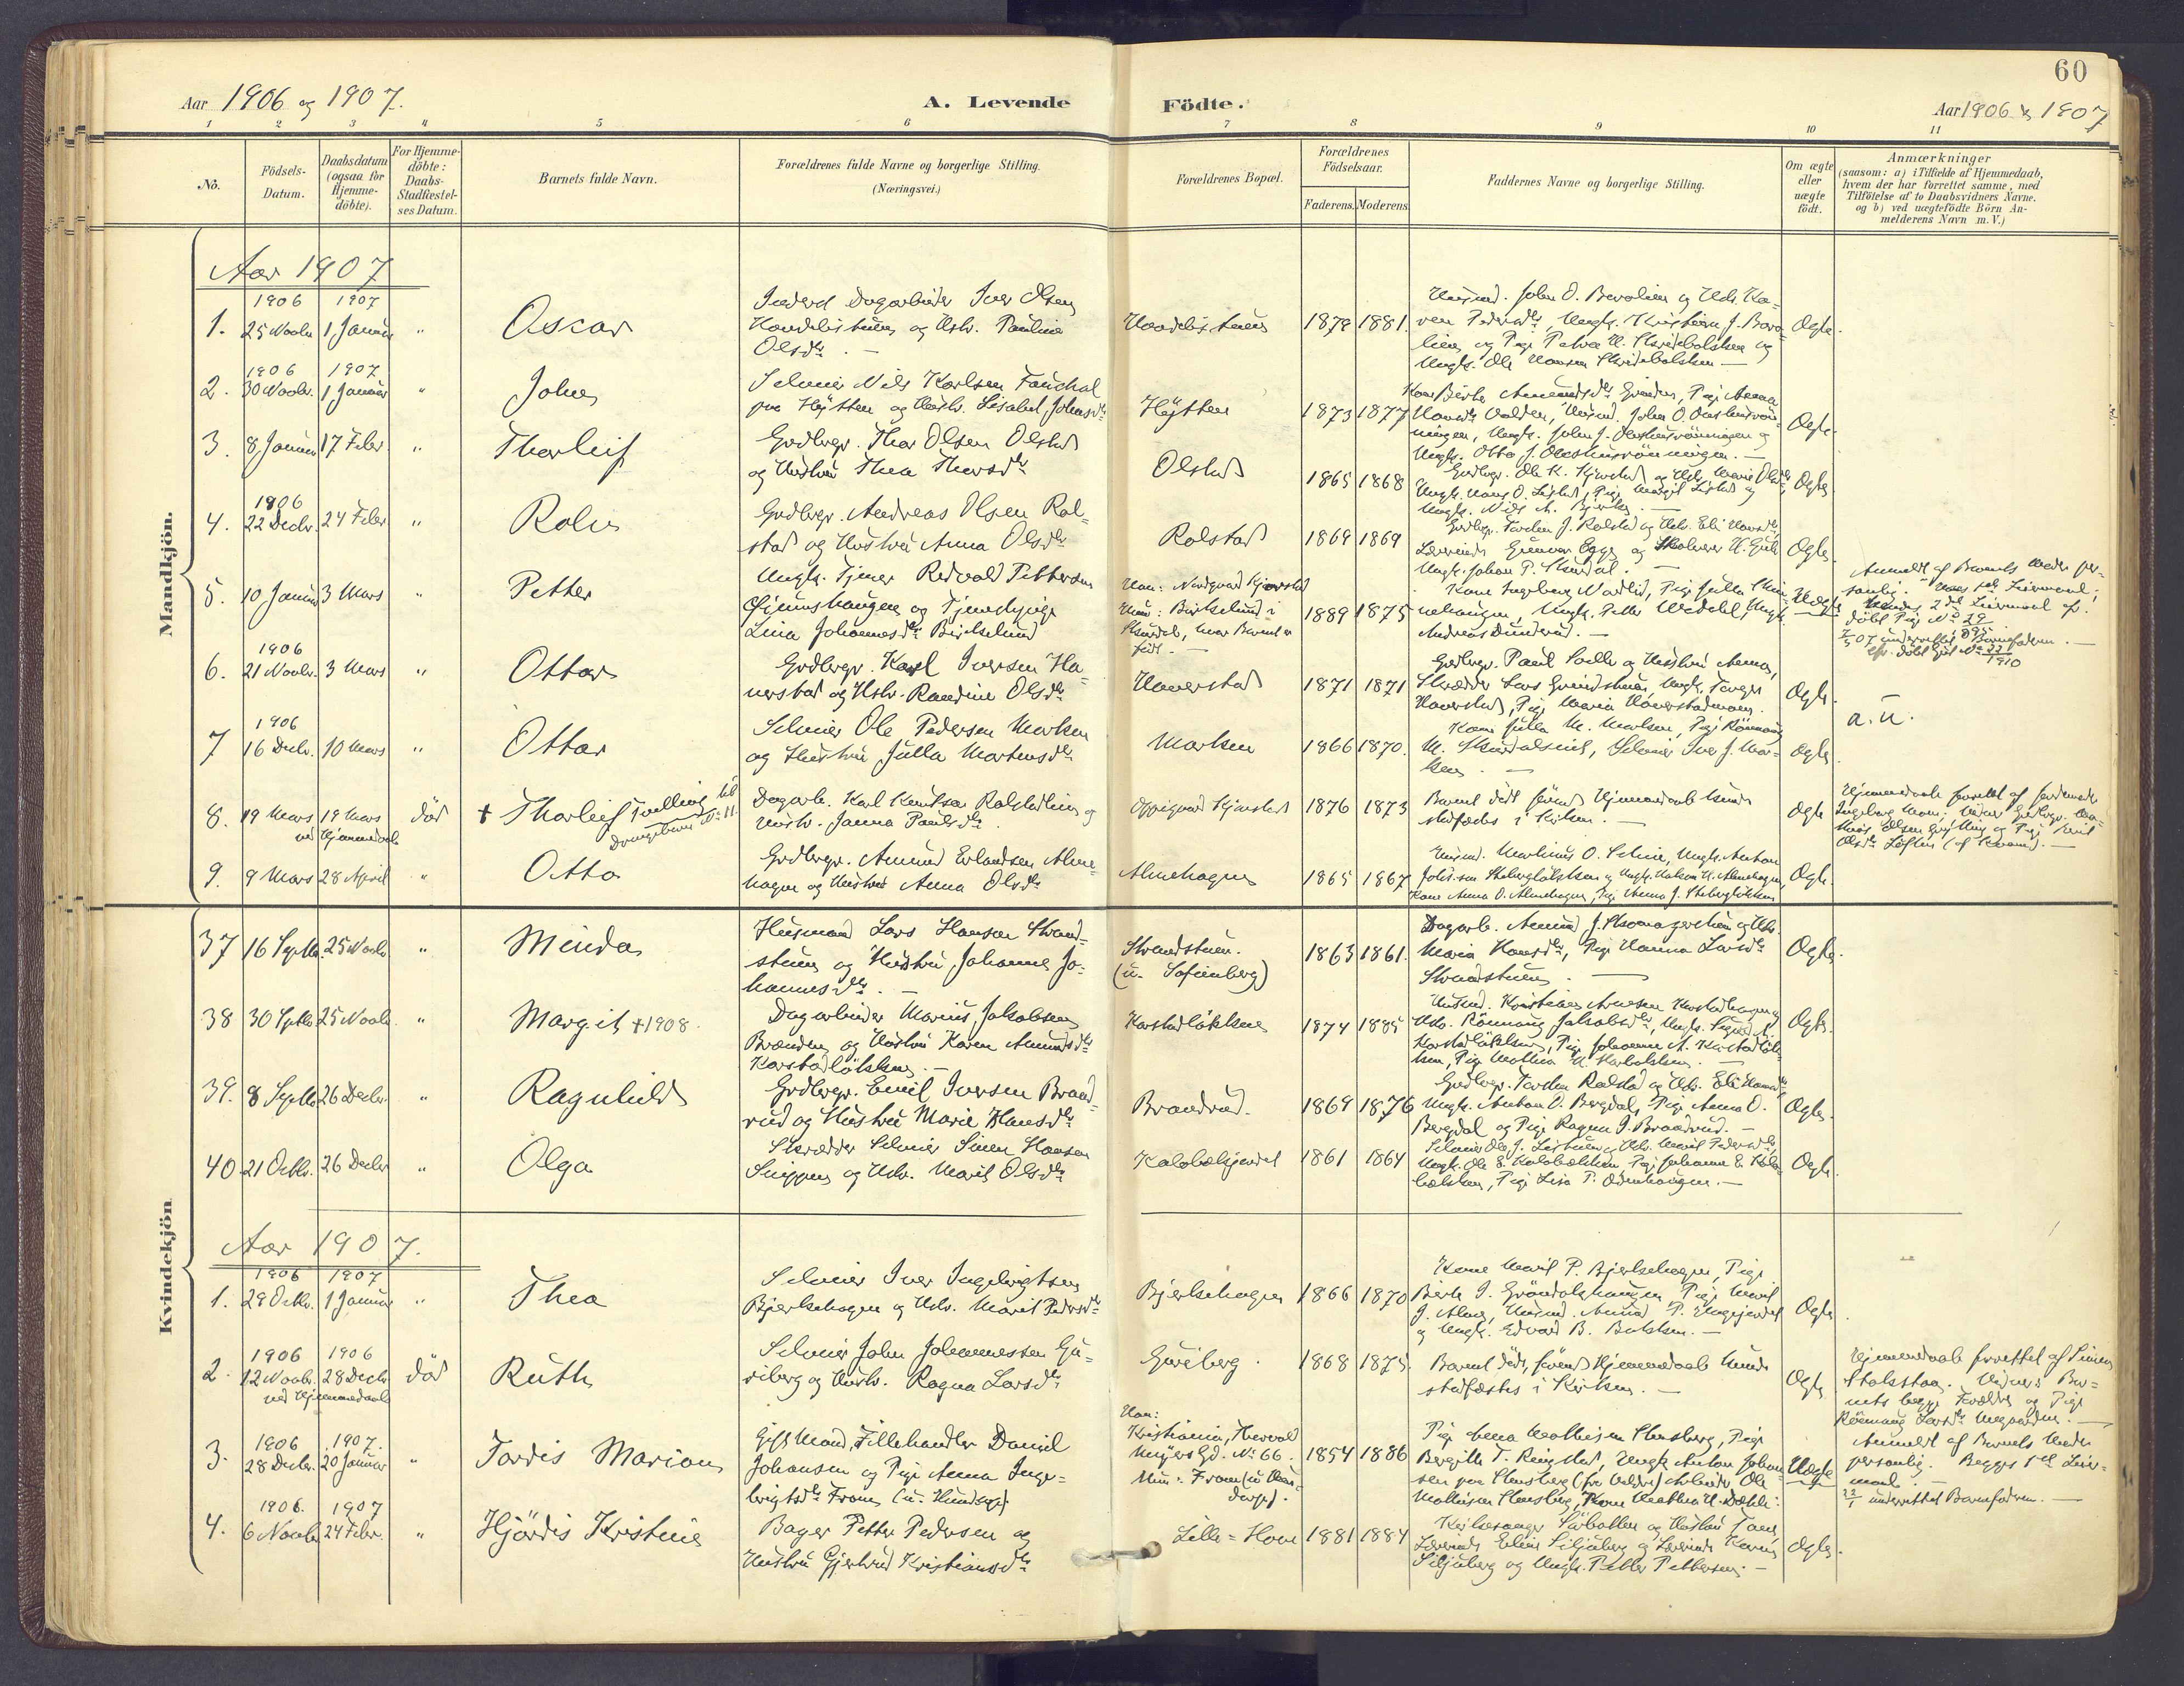 SAH, Sør-Fron prestekontor, H/Ha/Haa/L0004: Ministerialbok nr. 4, 1898-1919, s. 60